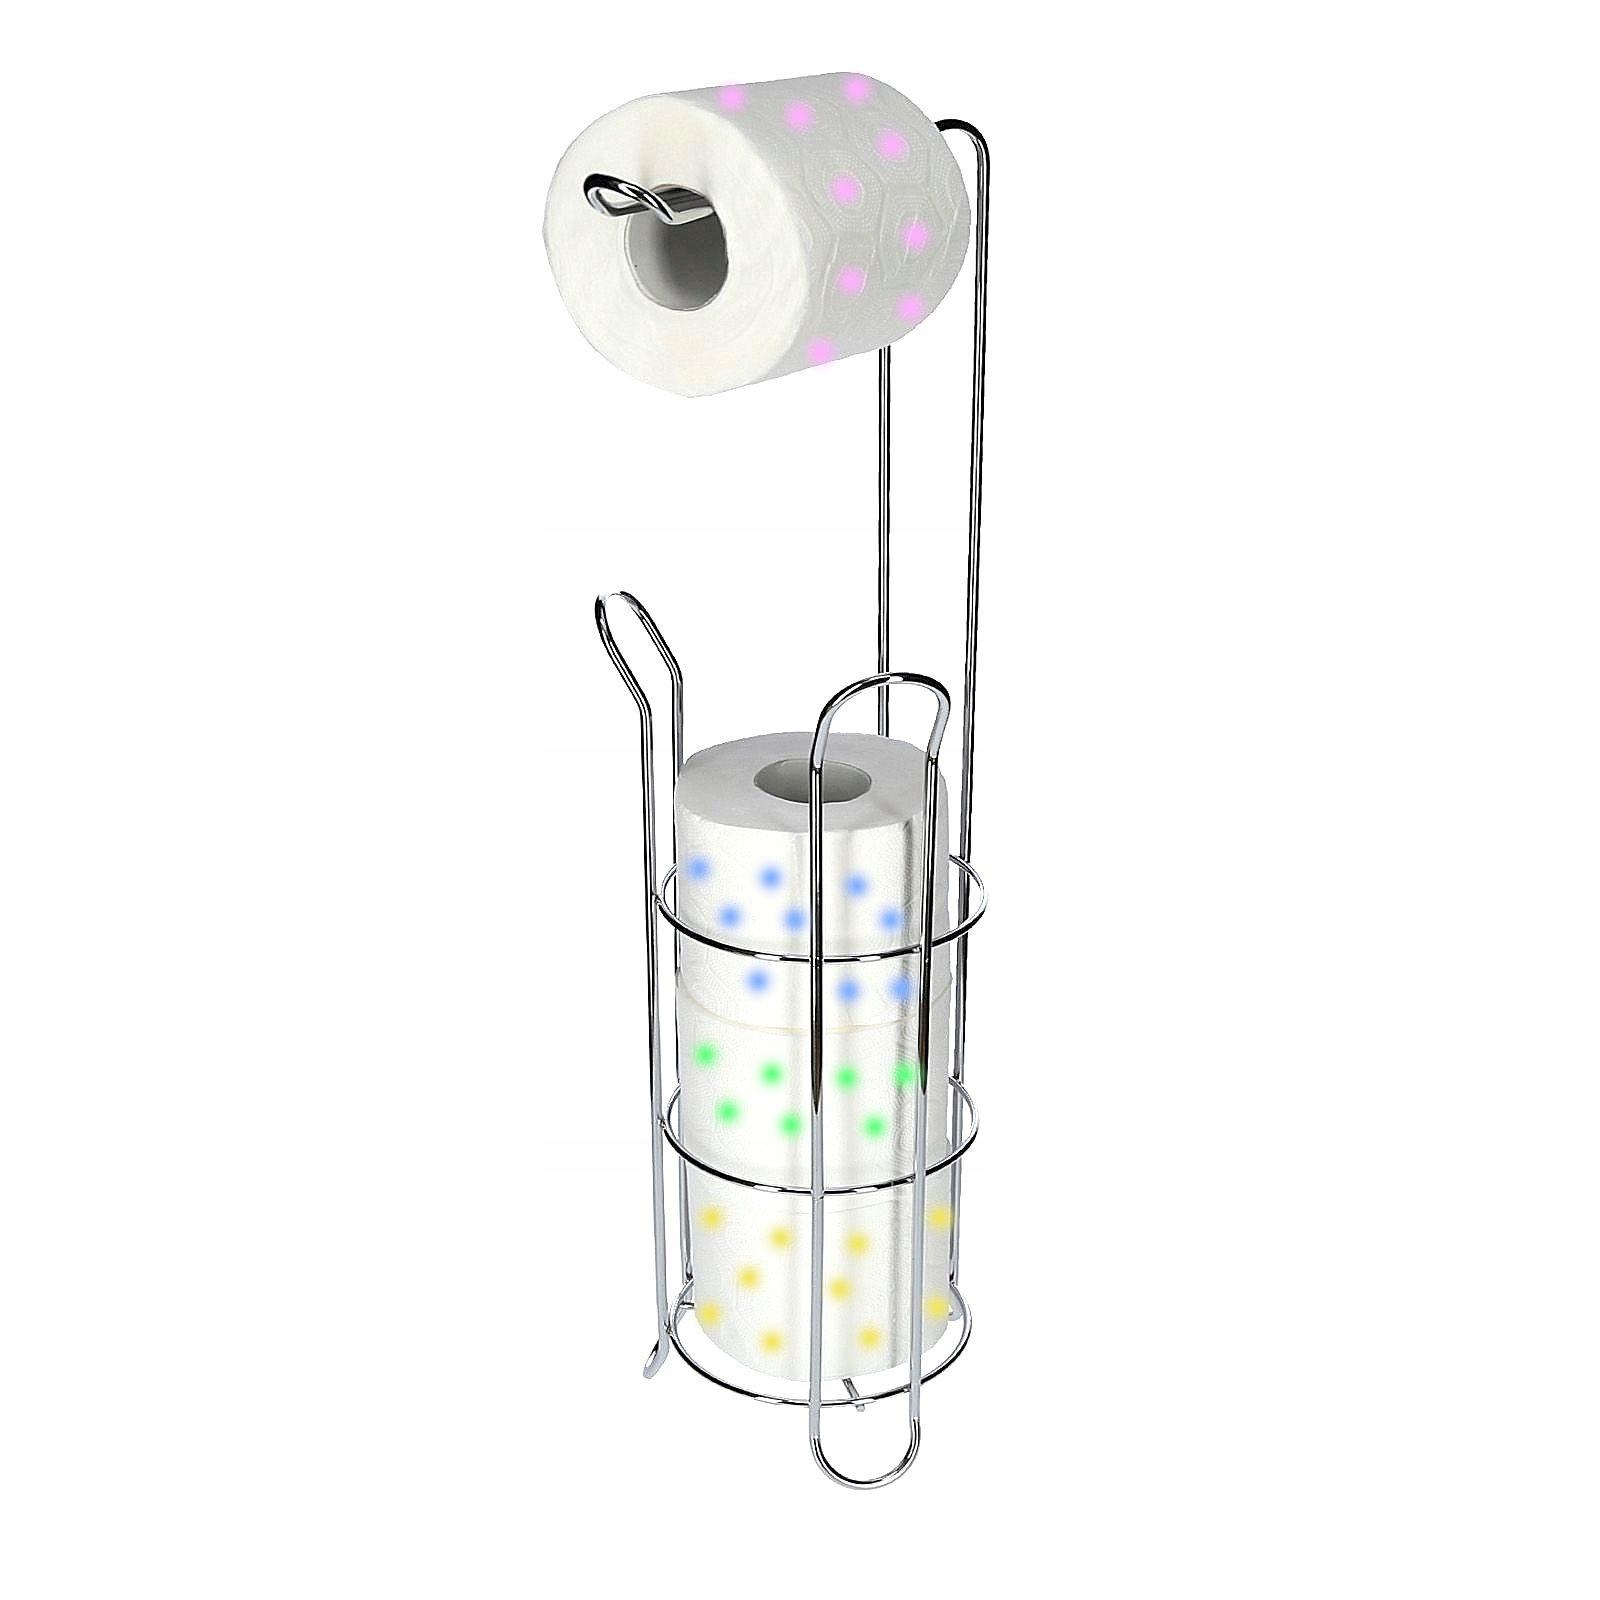 STOJAK TOY na PAPIER toaletowy CHROM zasobnik WC